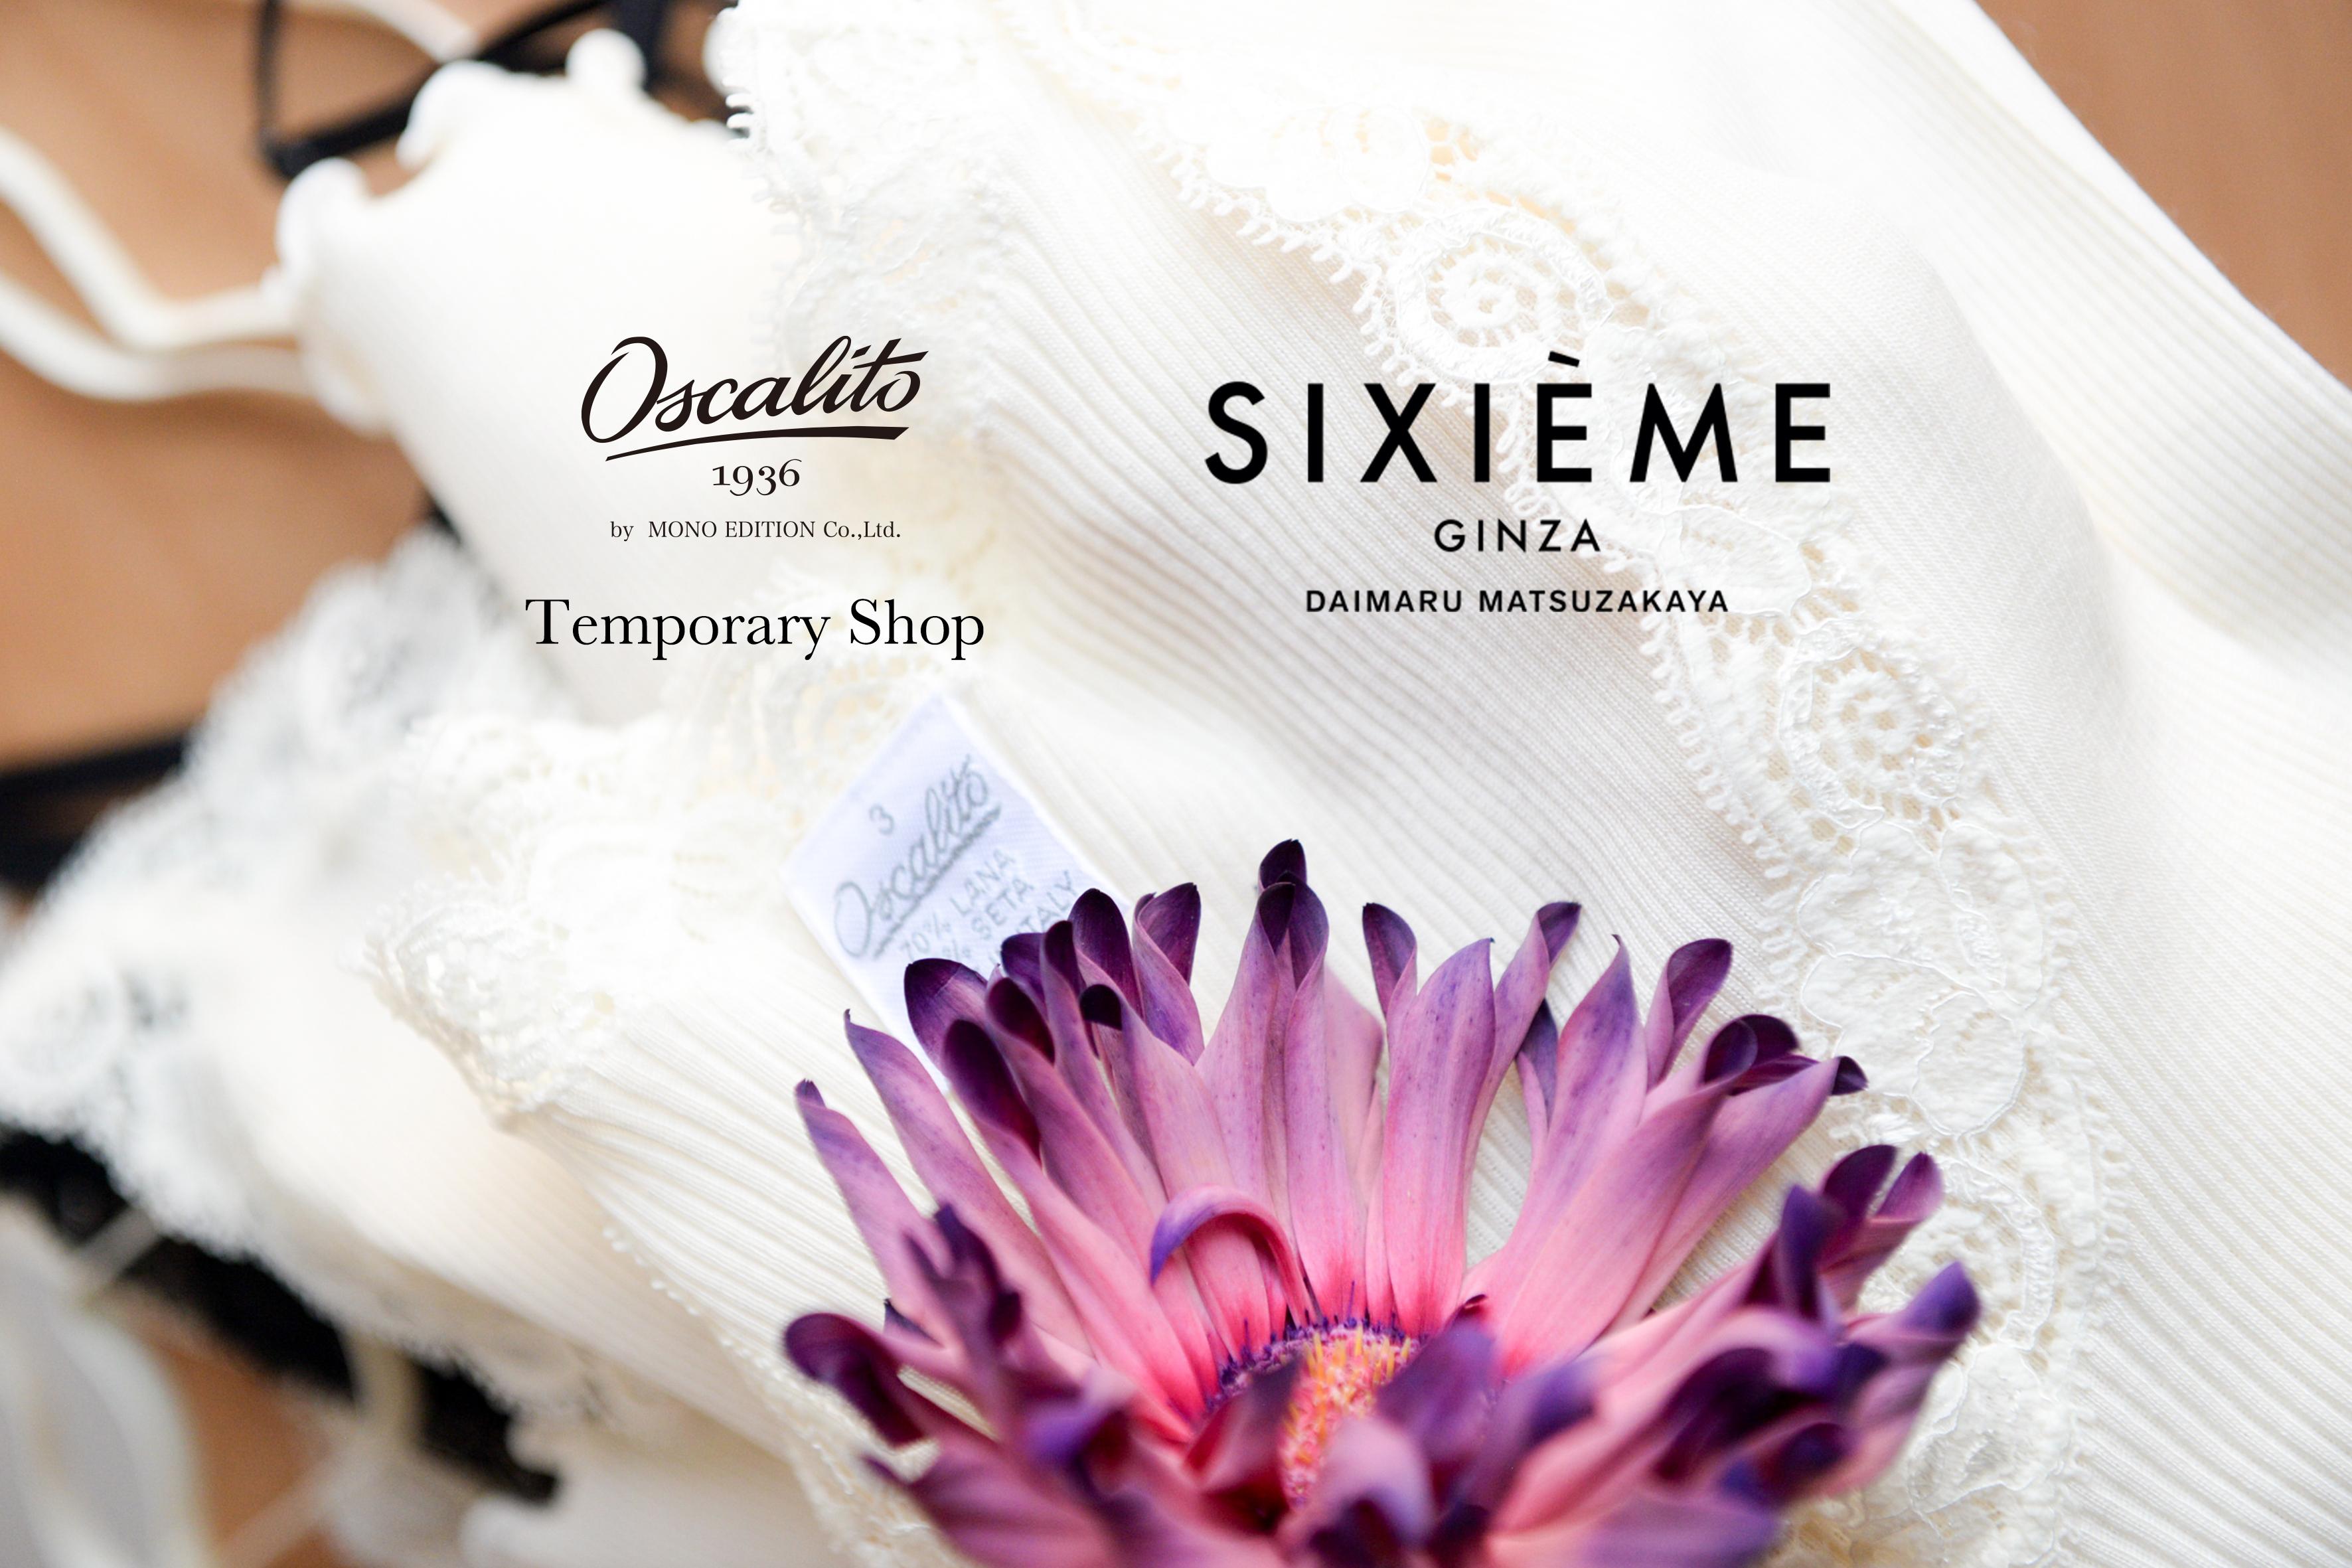 GINZA SIX シジェームでのTemporary Shopが期間延長いたします!